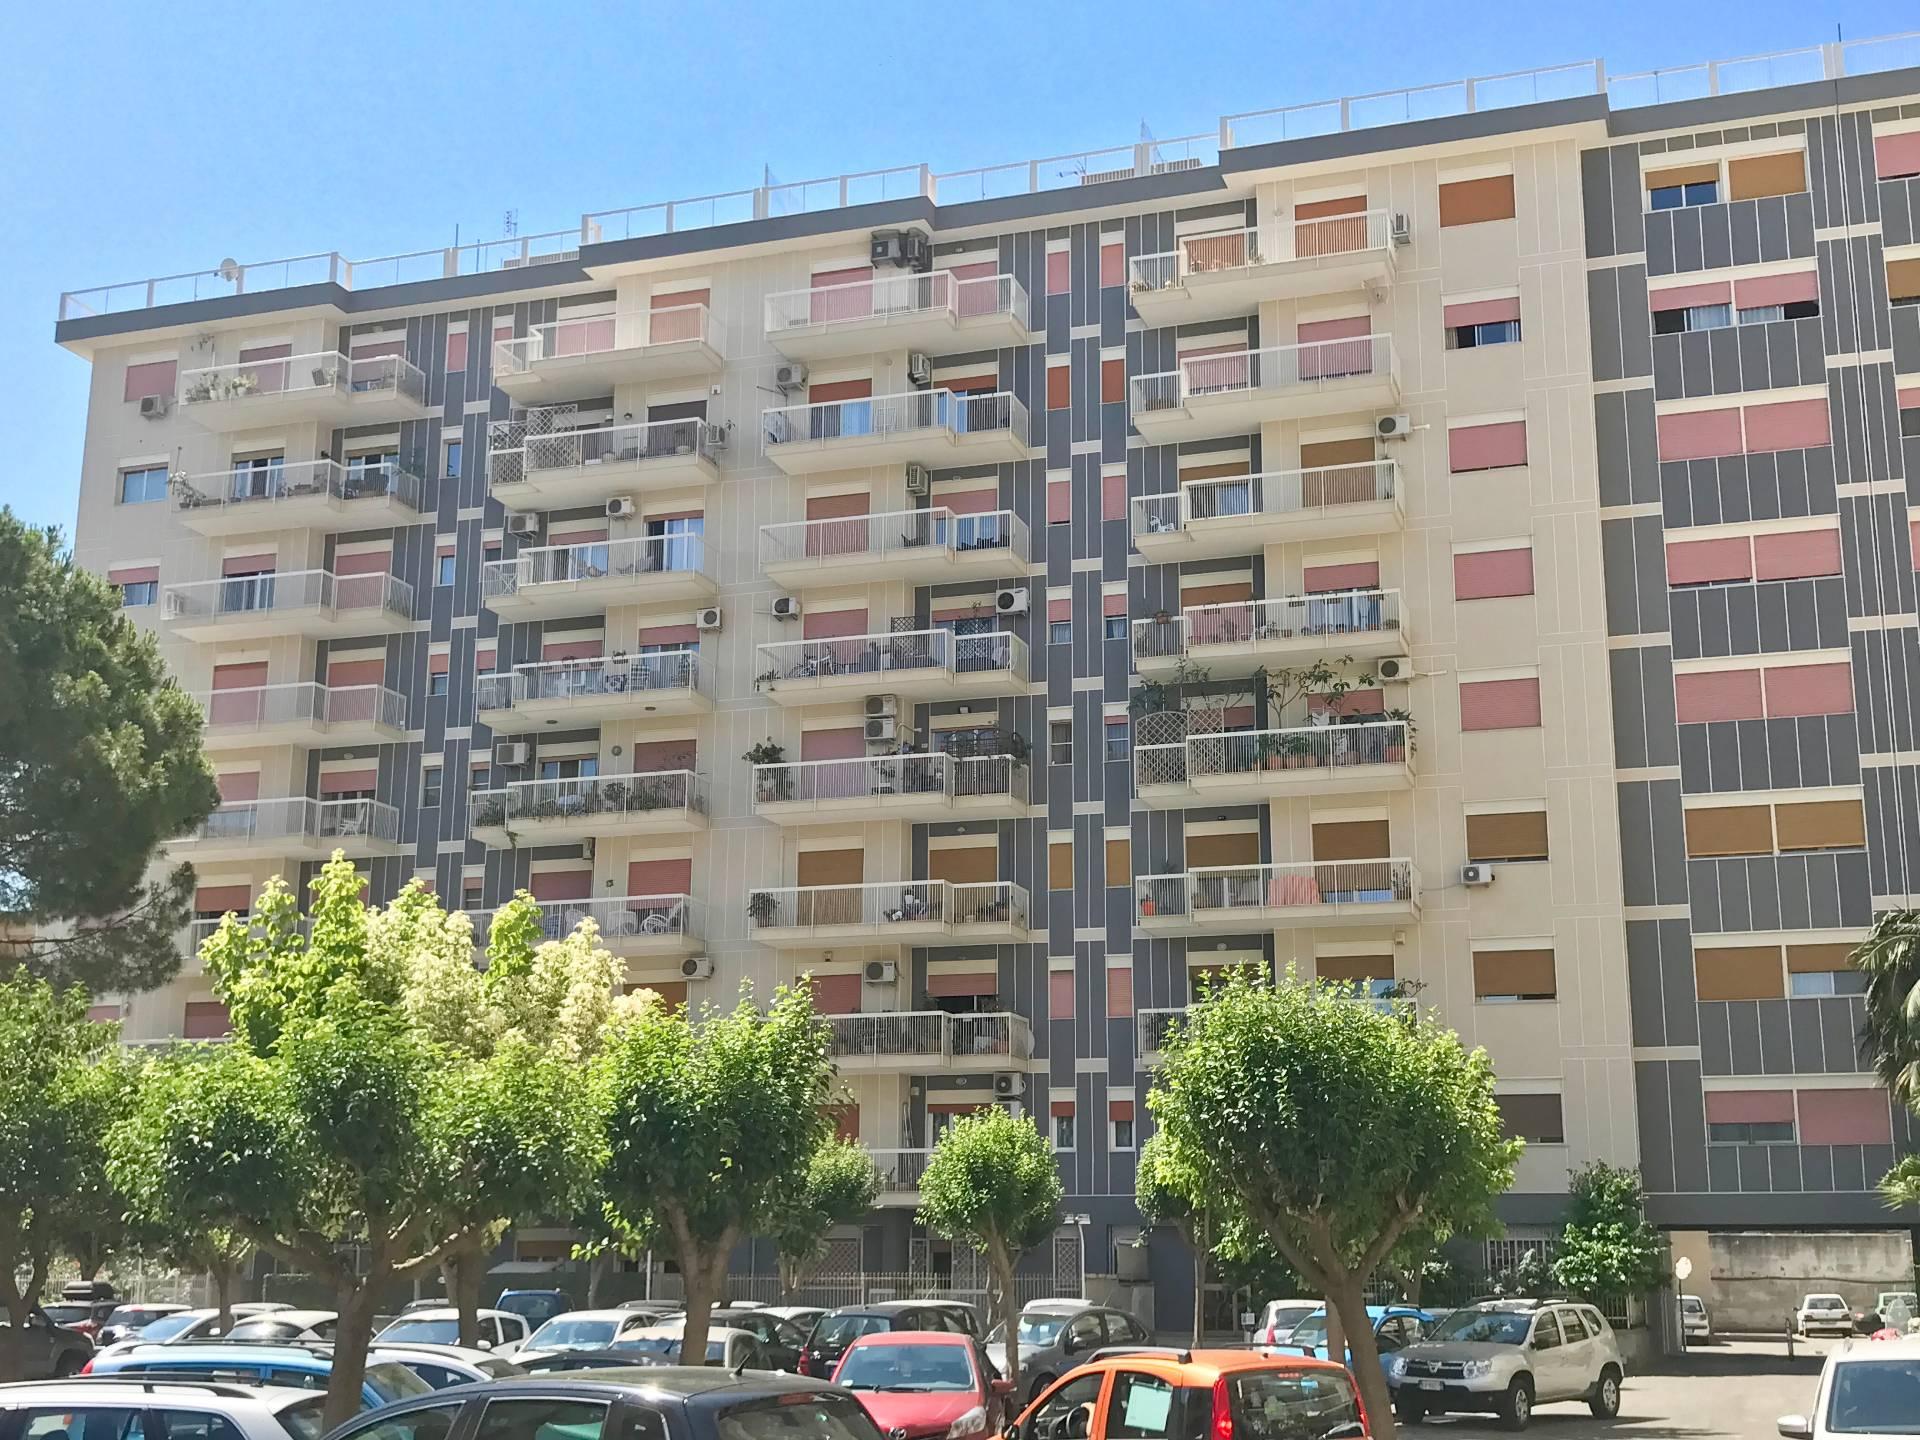 Appartamenti bilocali in affitto a palermo for Appartamenti in affitto a palermo arredati